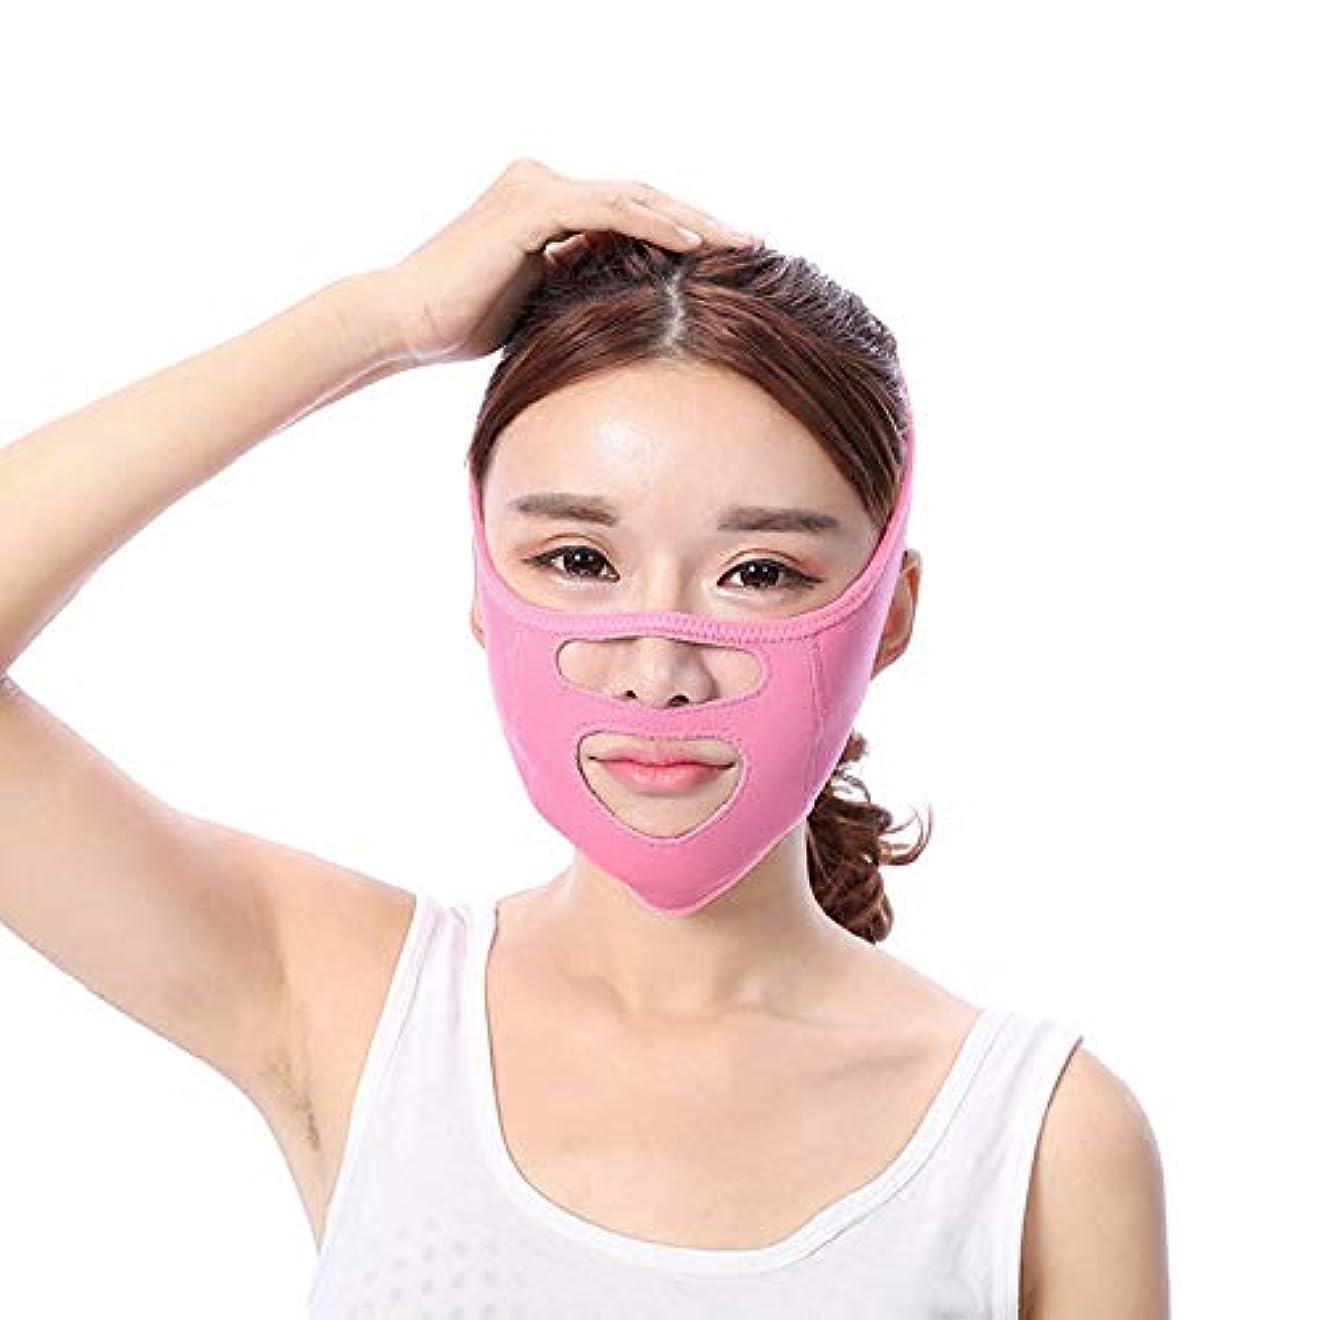 からかうすり減る失効フェイスリフトベルト フェイスリフトベルトフェイスバンデージ美容機器リフティングファインディングダブルチン法令Vマスク睡眠マスク通気性